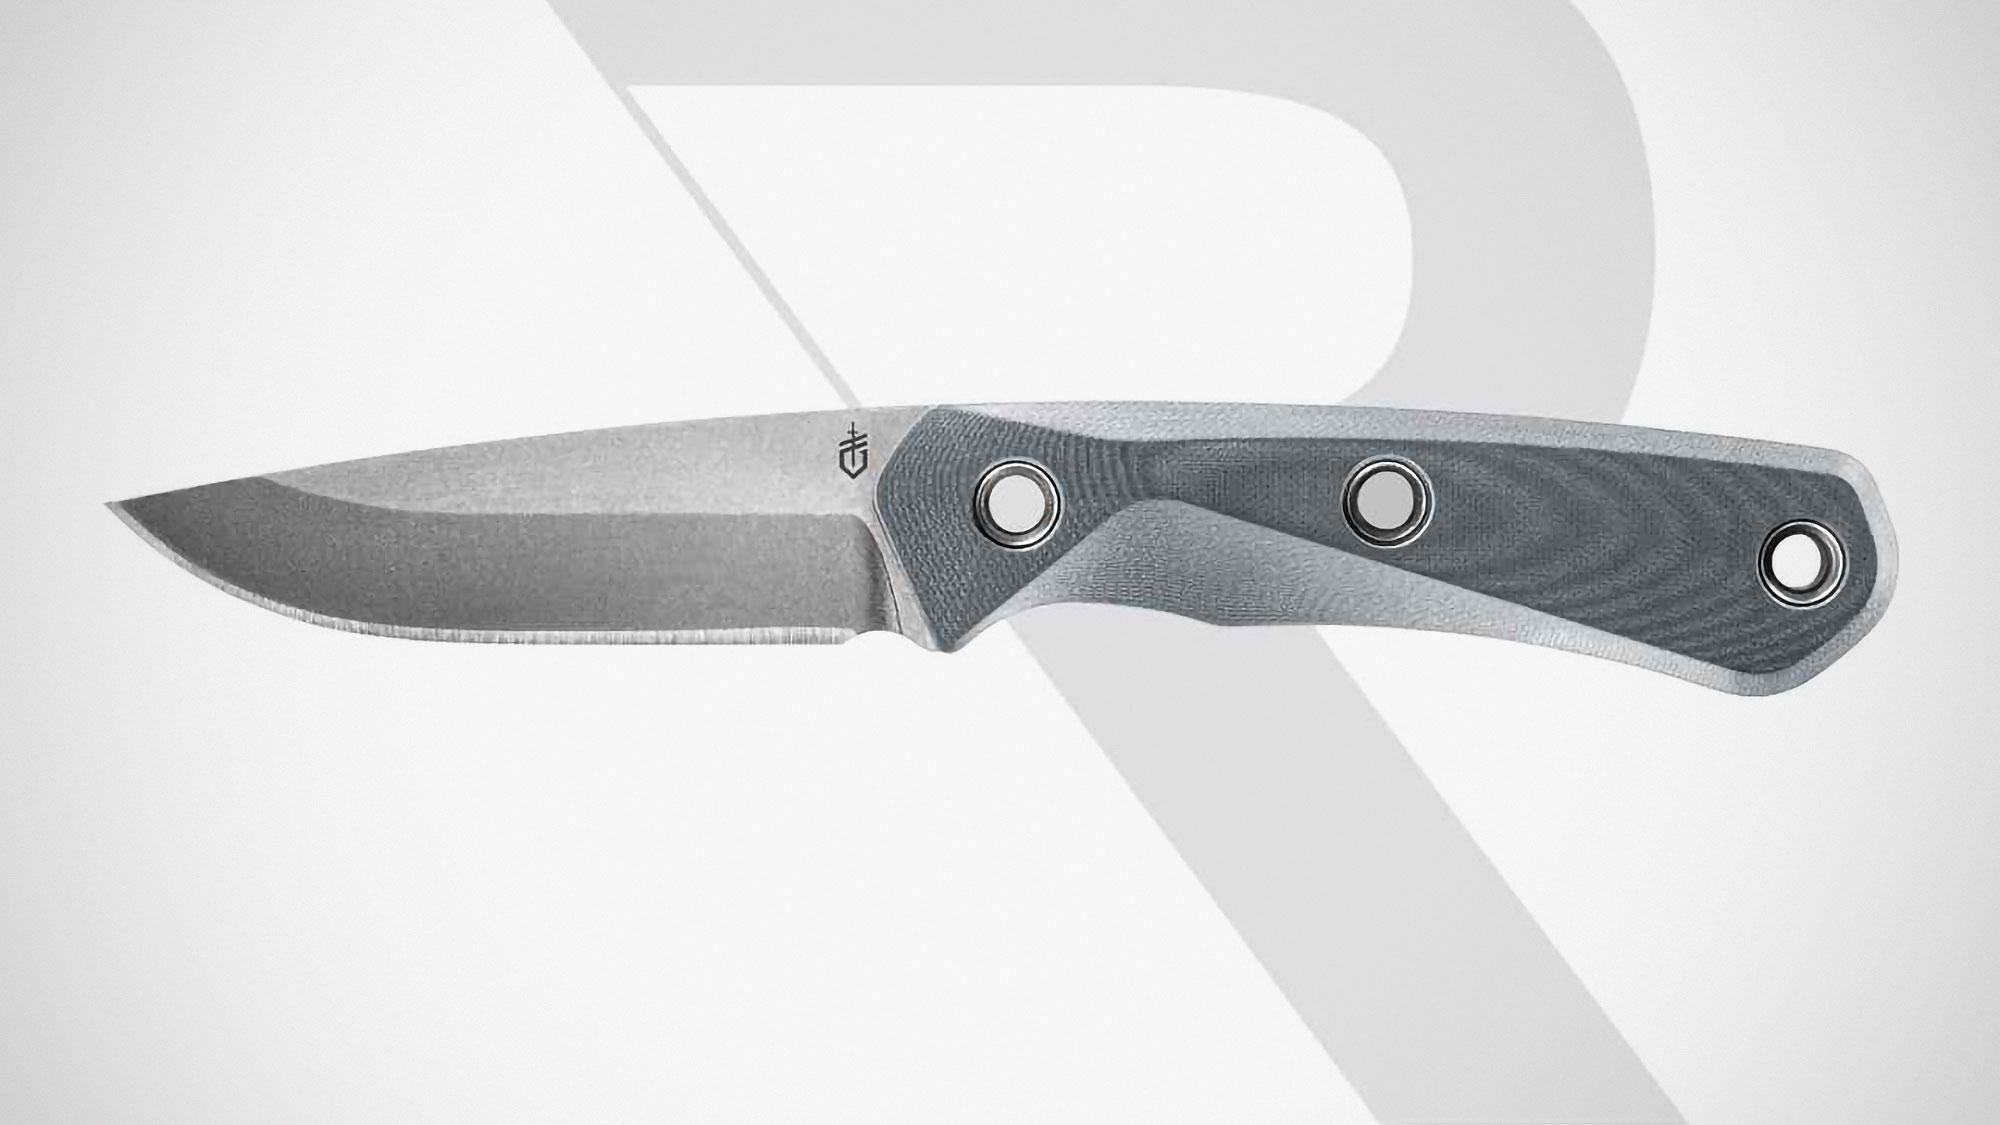 Gerber Terracraft Fixed Blade Knife